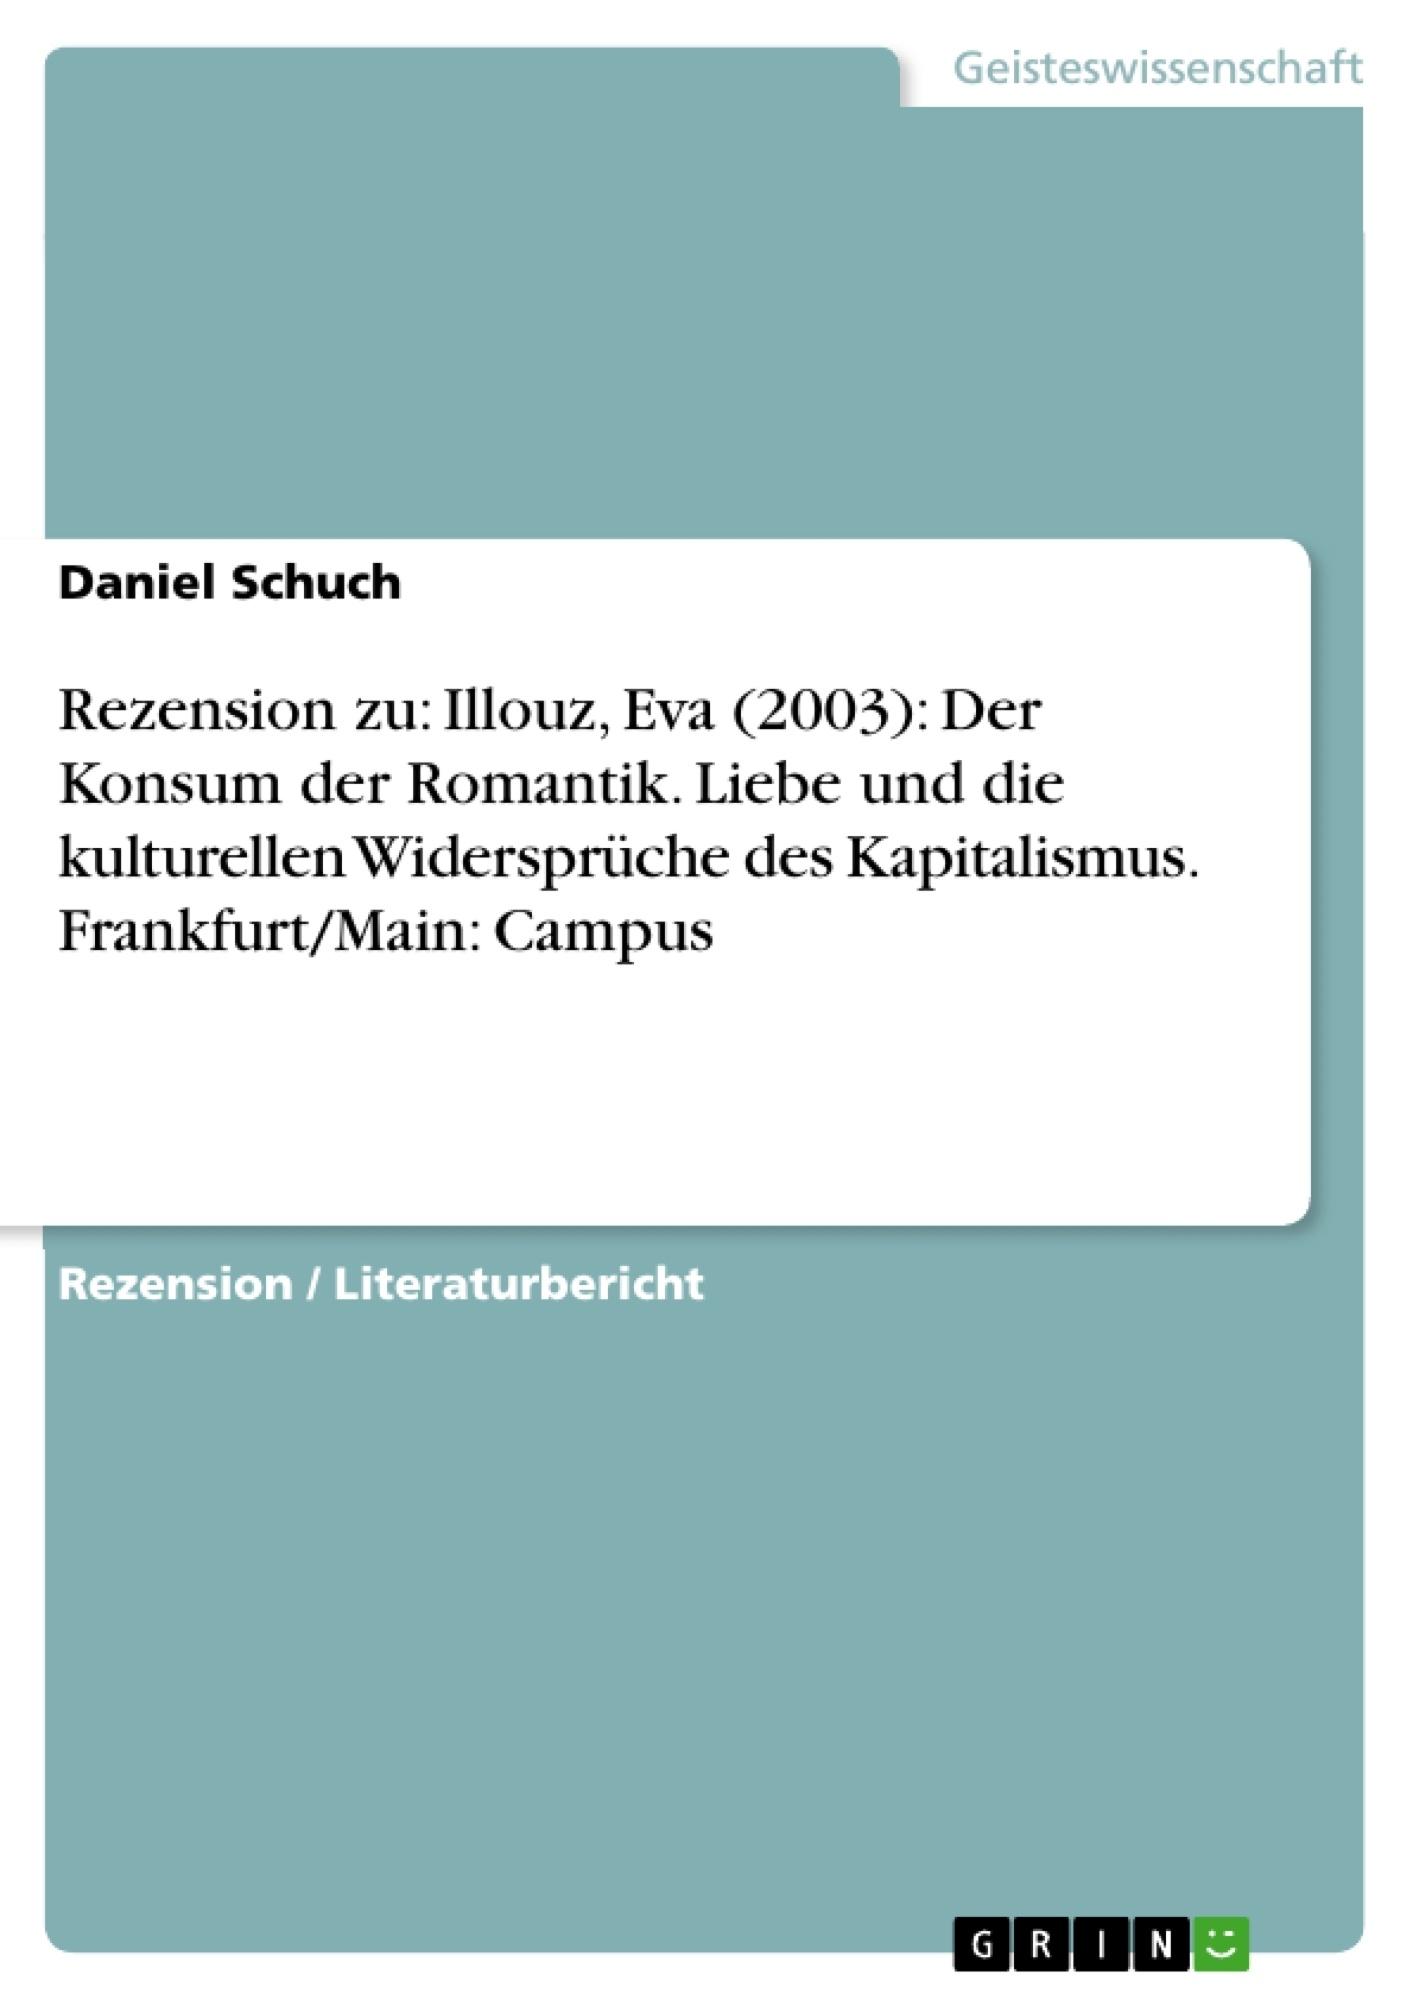 Titel: Rezension zu: Illouz, Eva (2003): Der Konsum der Romantik. Liebe und die kulturellen Widersprüche des Kapitalismus. Frankfurt/Main: Campus